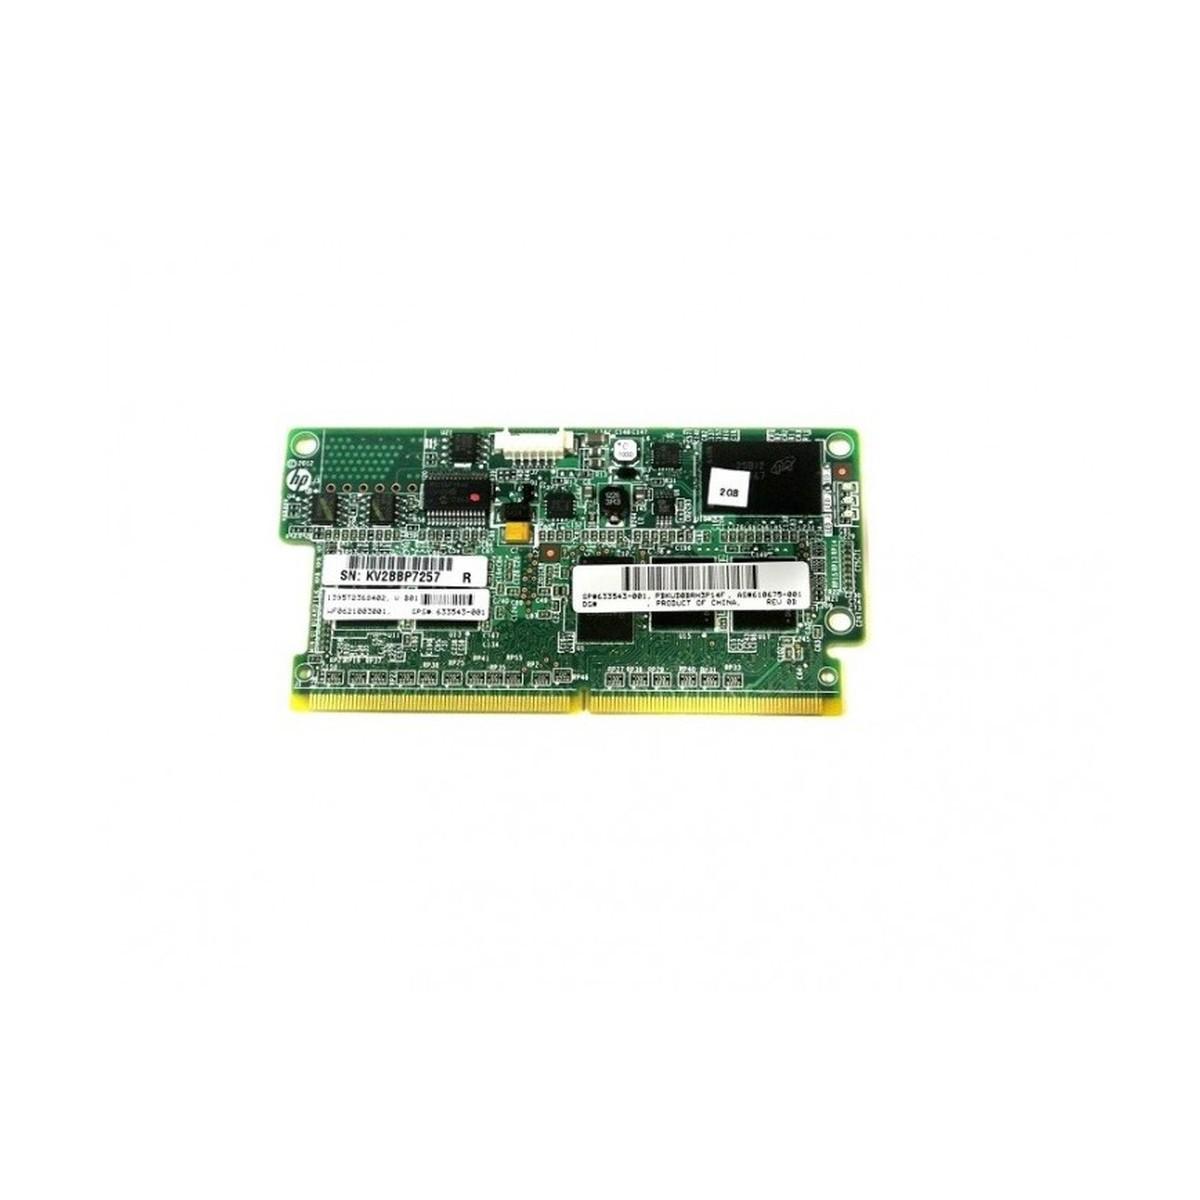 DELL SOUND BLASTER X-Fi SB0880 7.1 PCI-E 0F333J